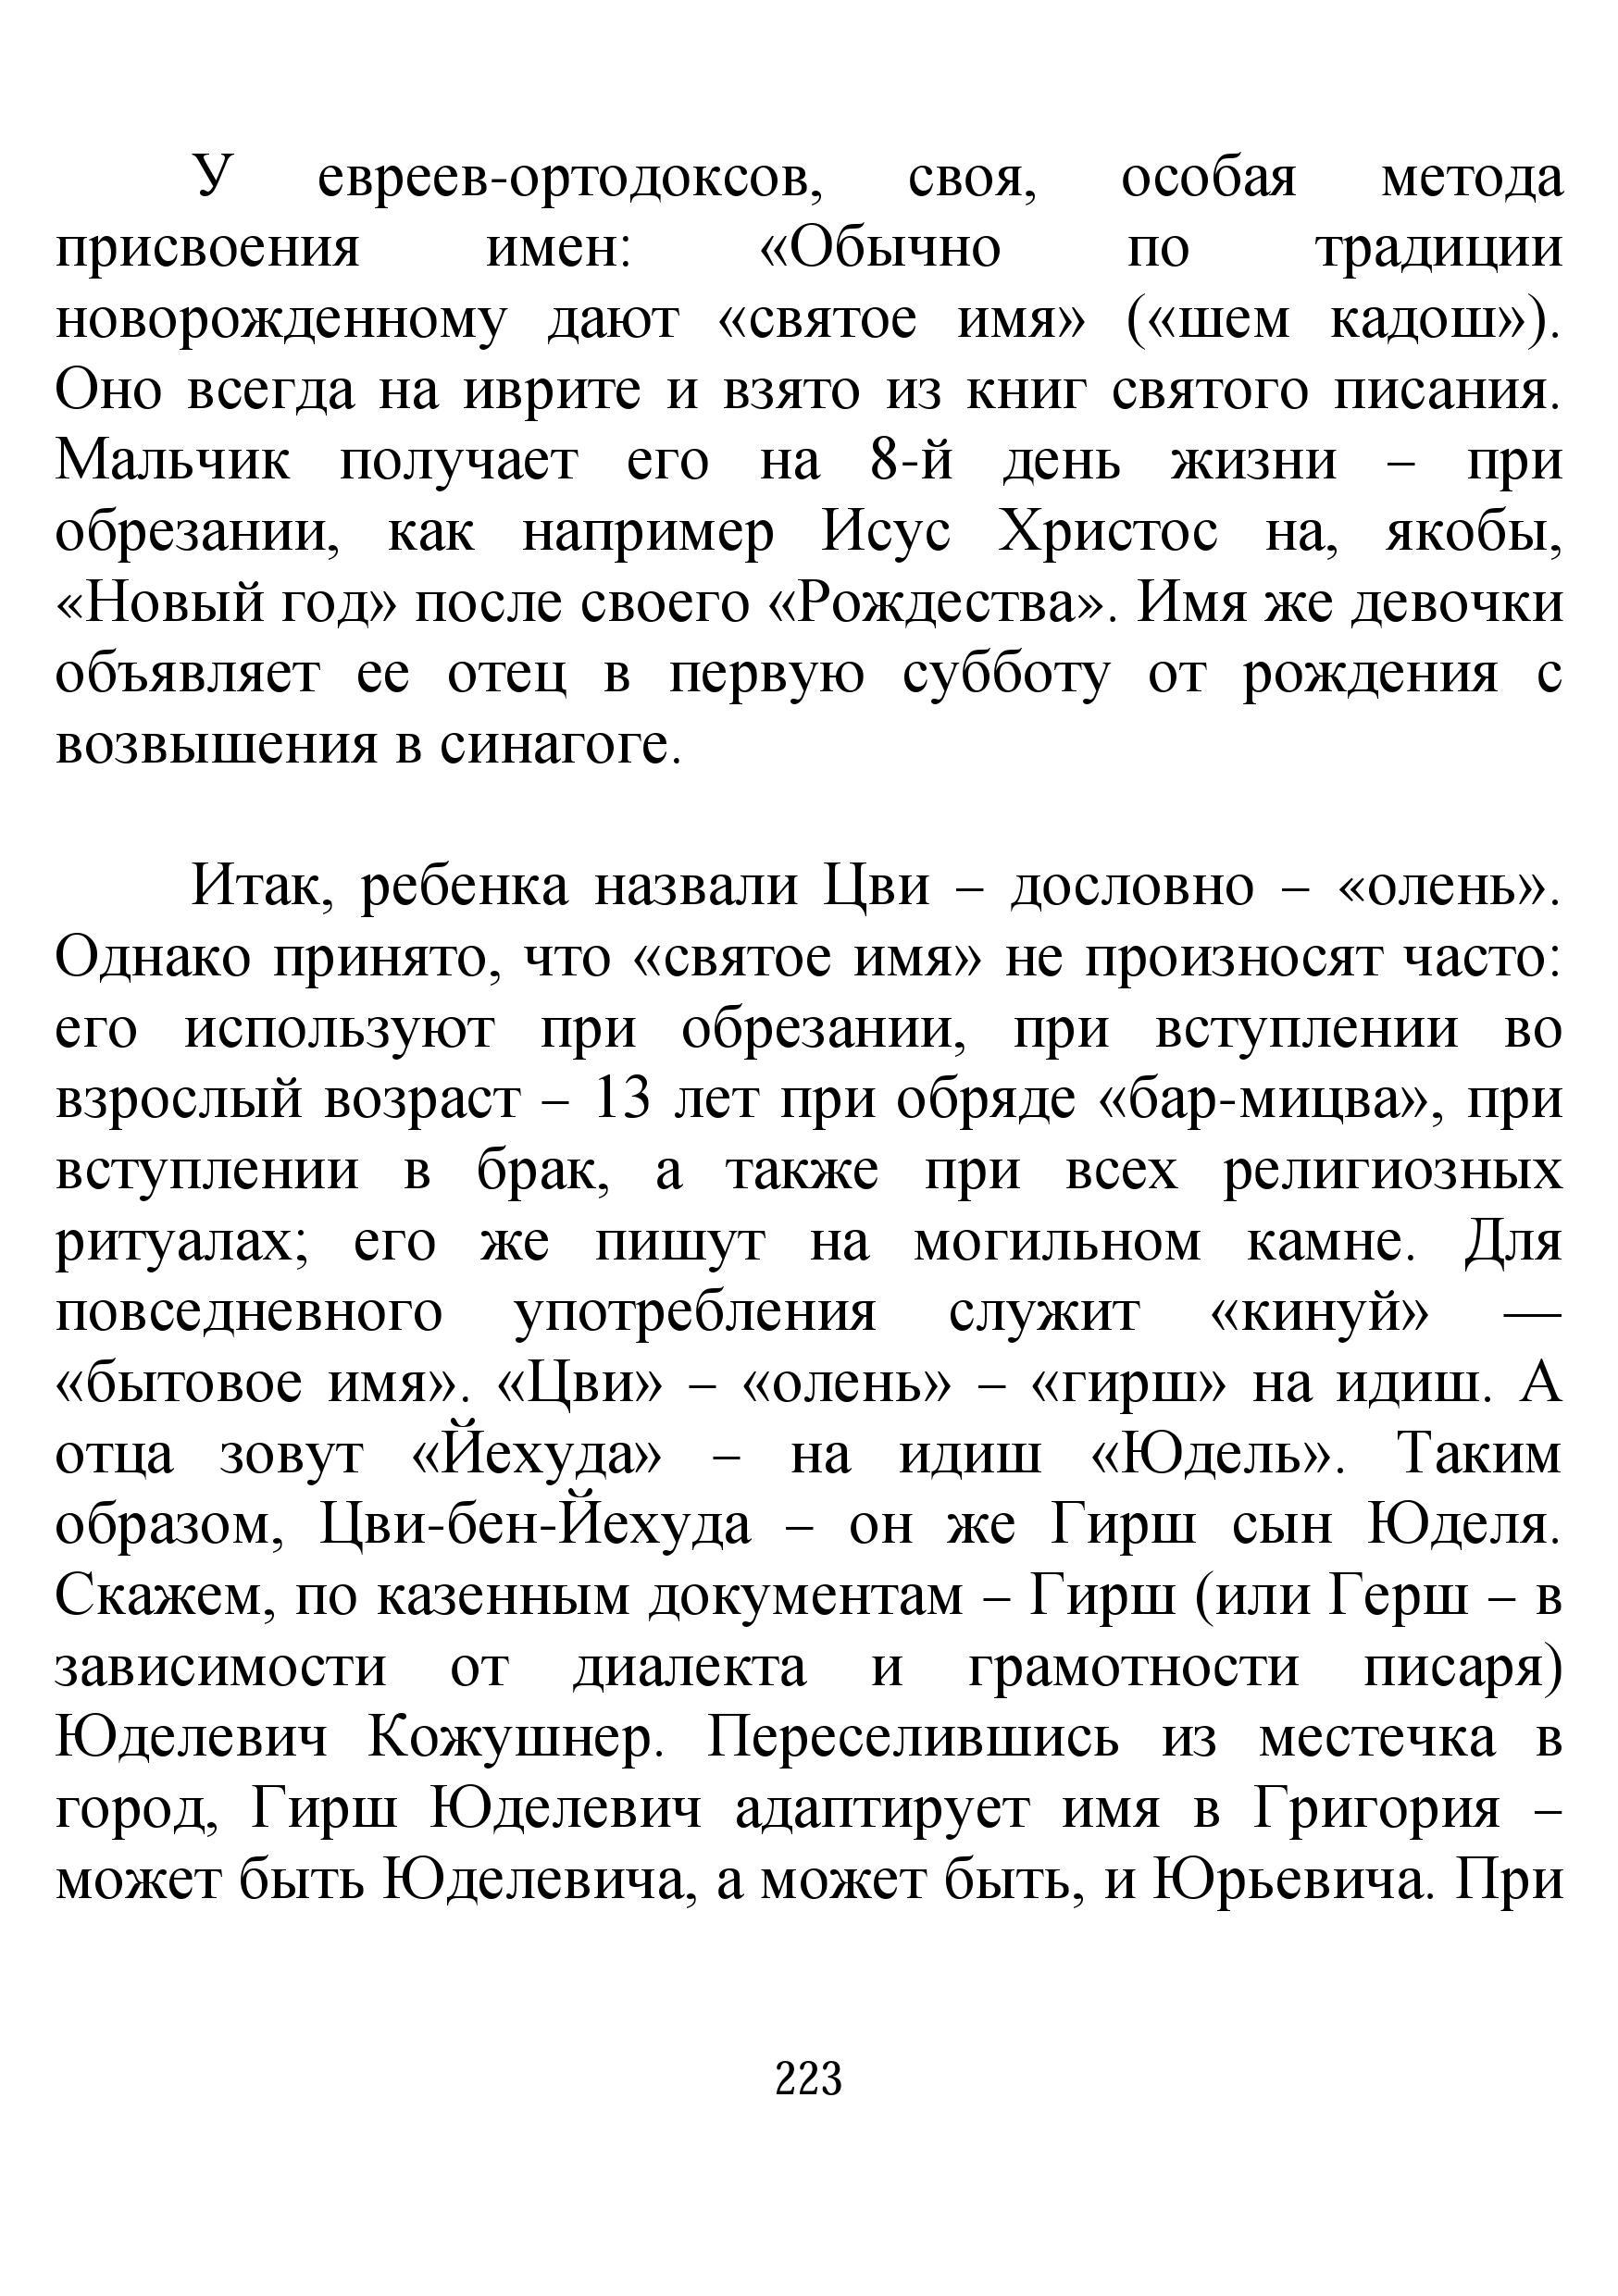 http://s2.uploads.ru/aUS4q.jpg